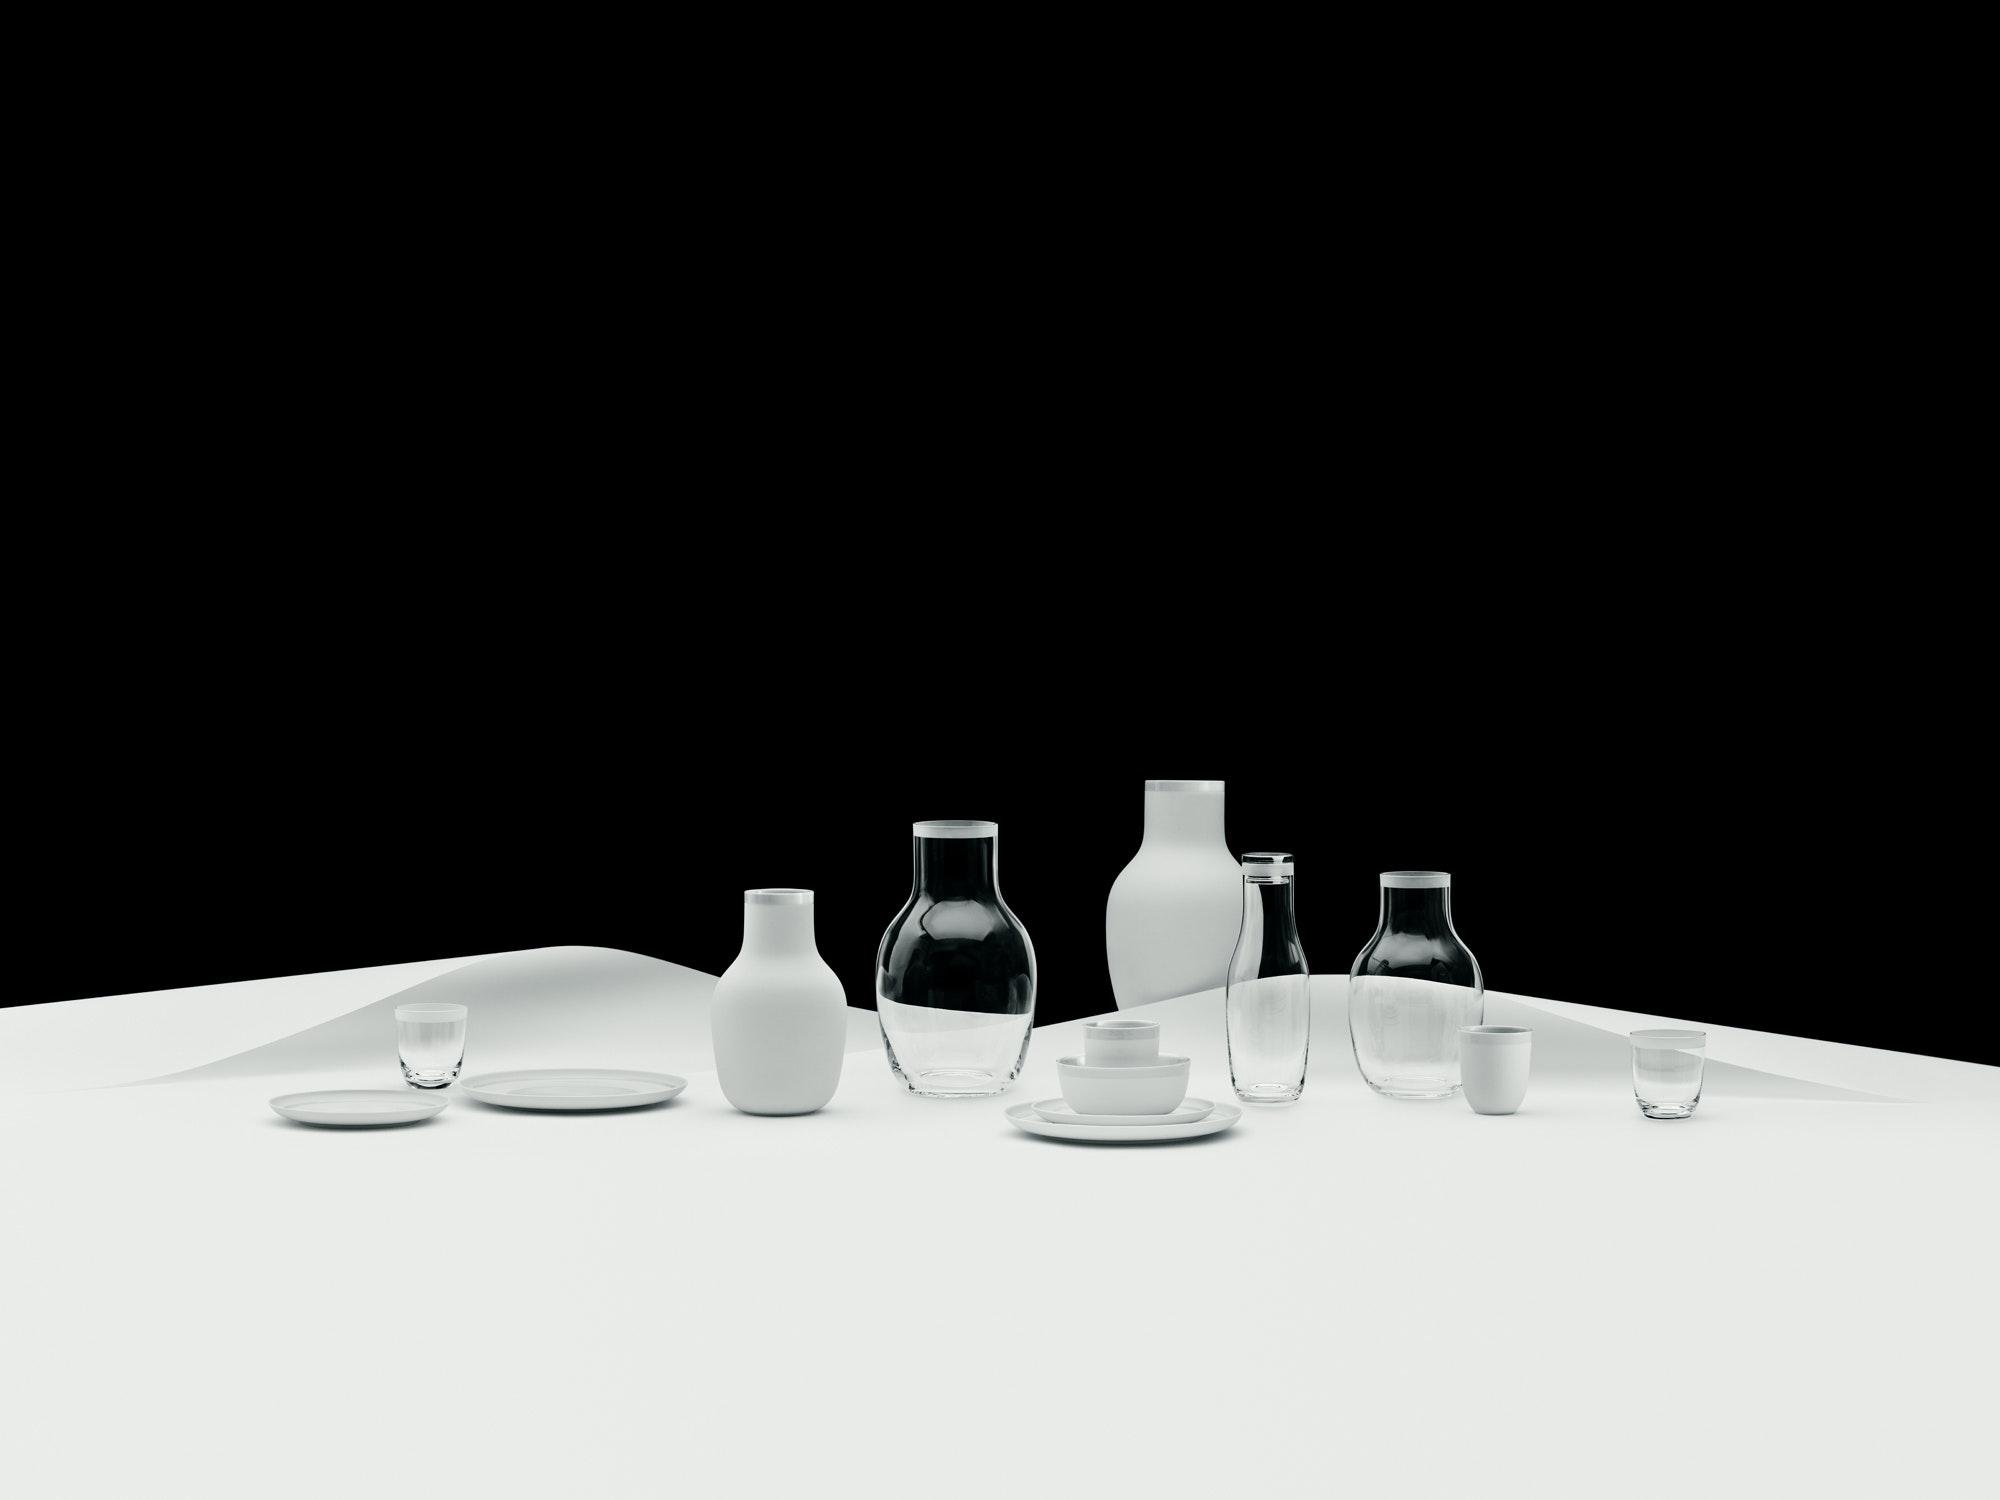 Tallerkener, glas og mugger